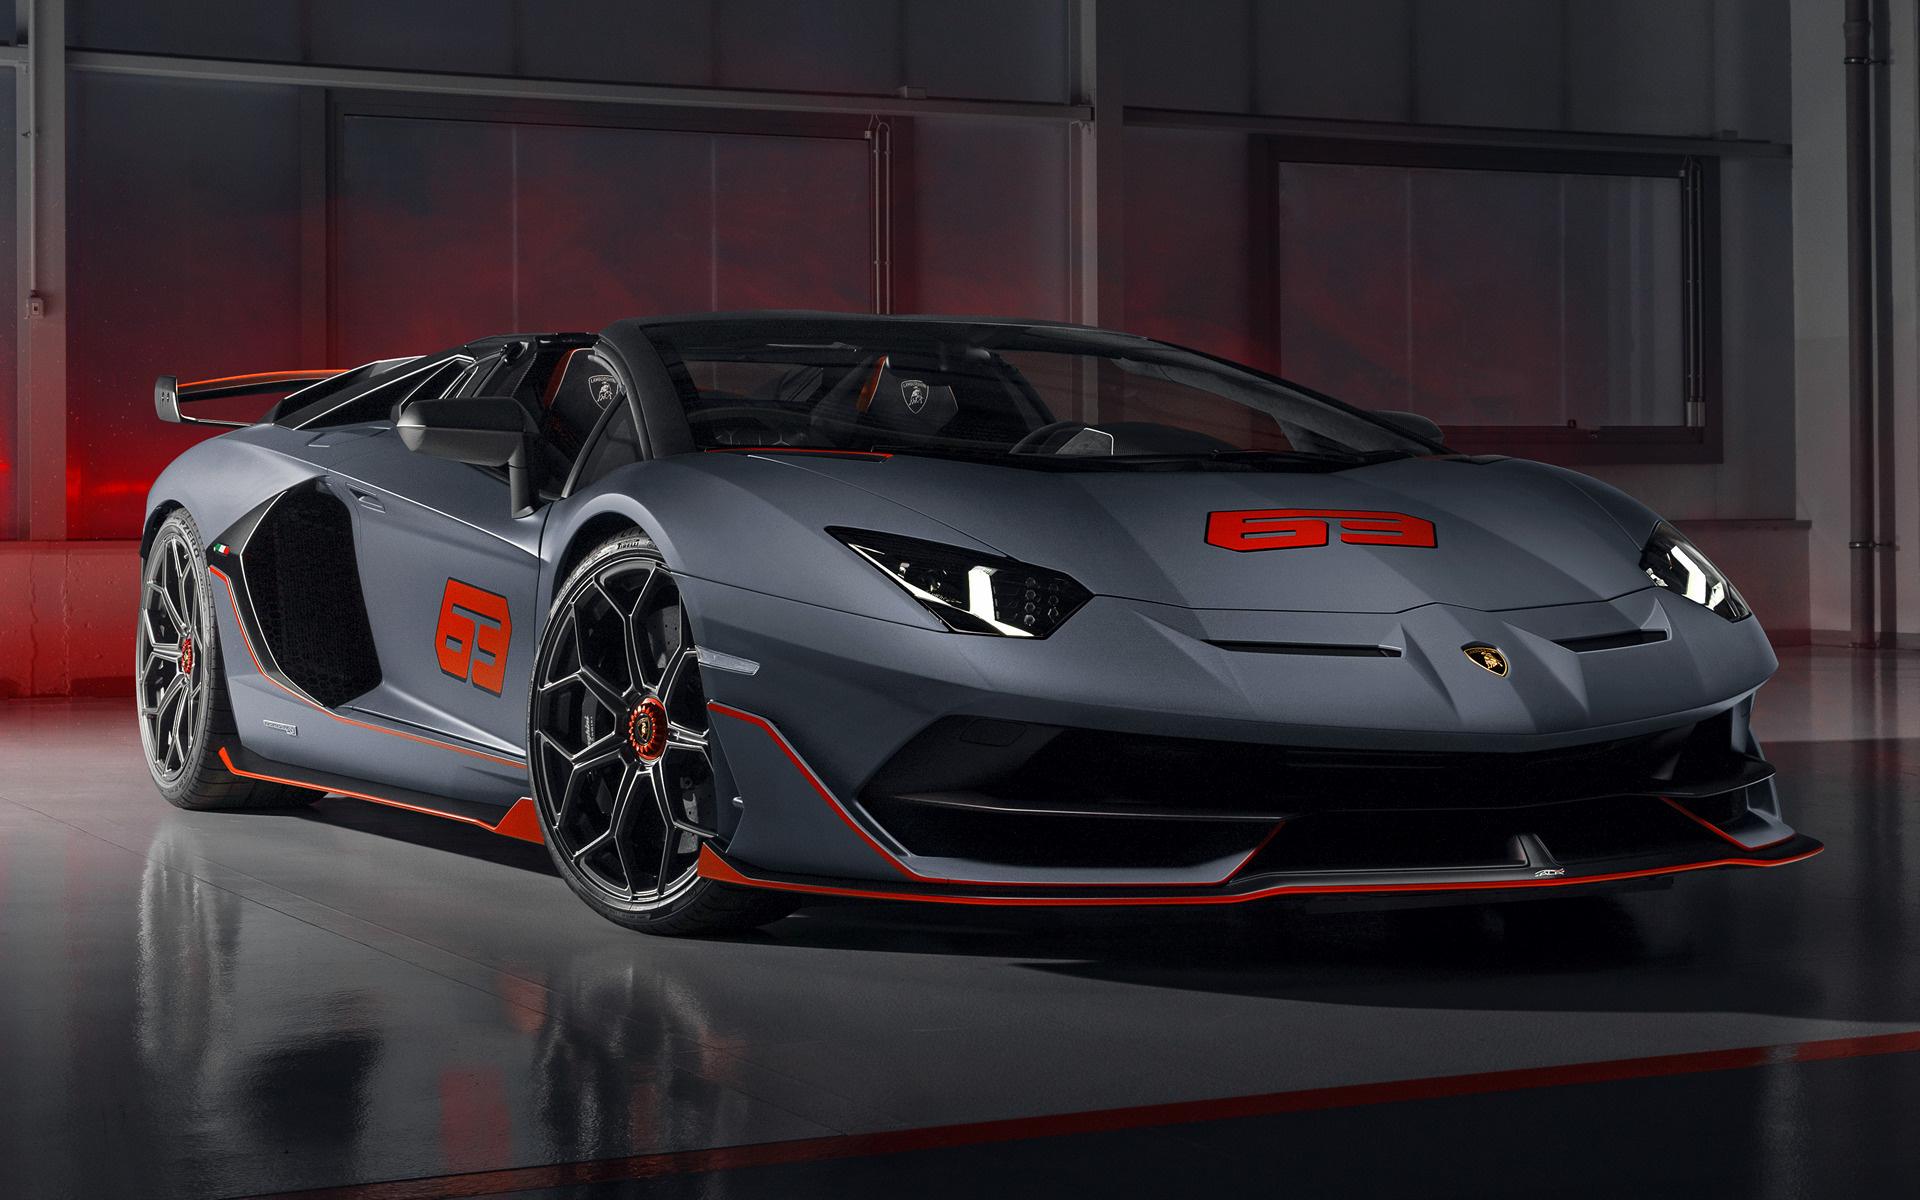 2020 Lamborghini Aventador SVJ 63 Roadster - Fonds d'écran et images HD   Car Pixel